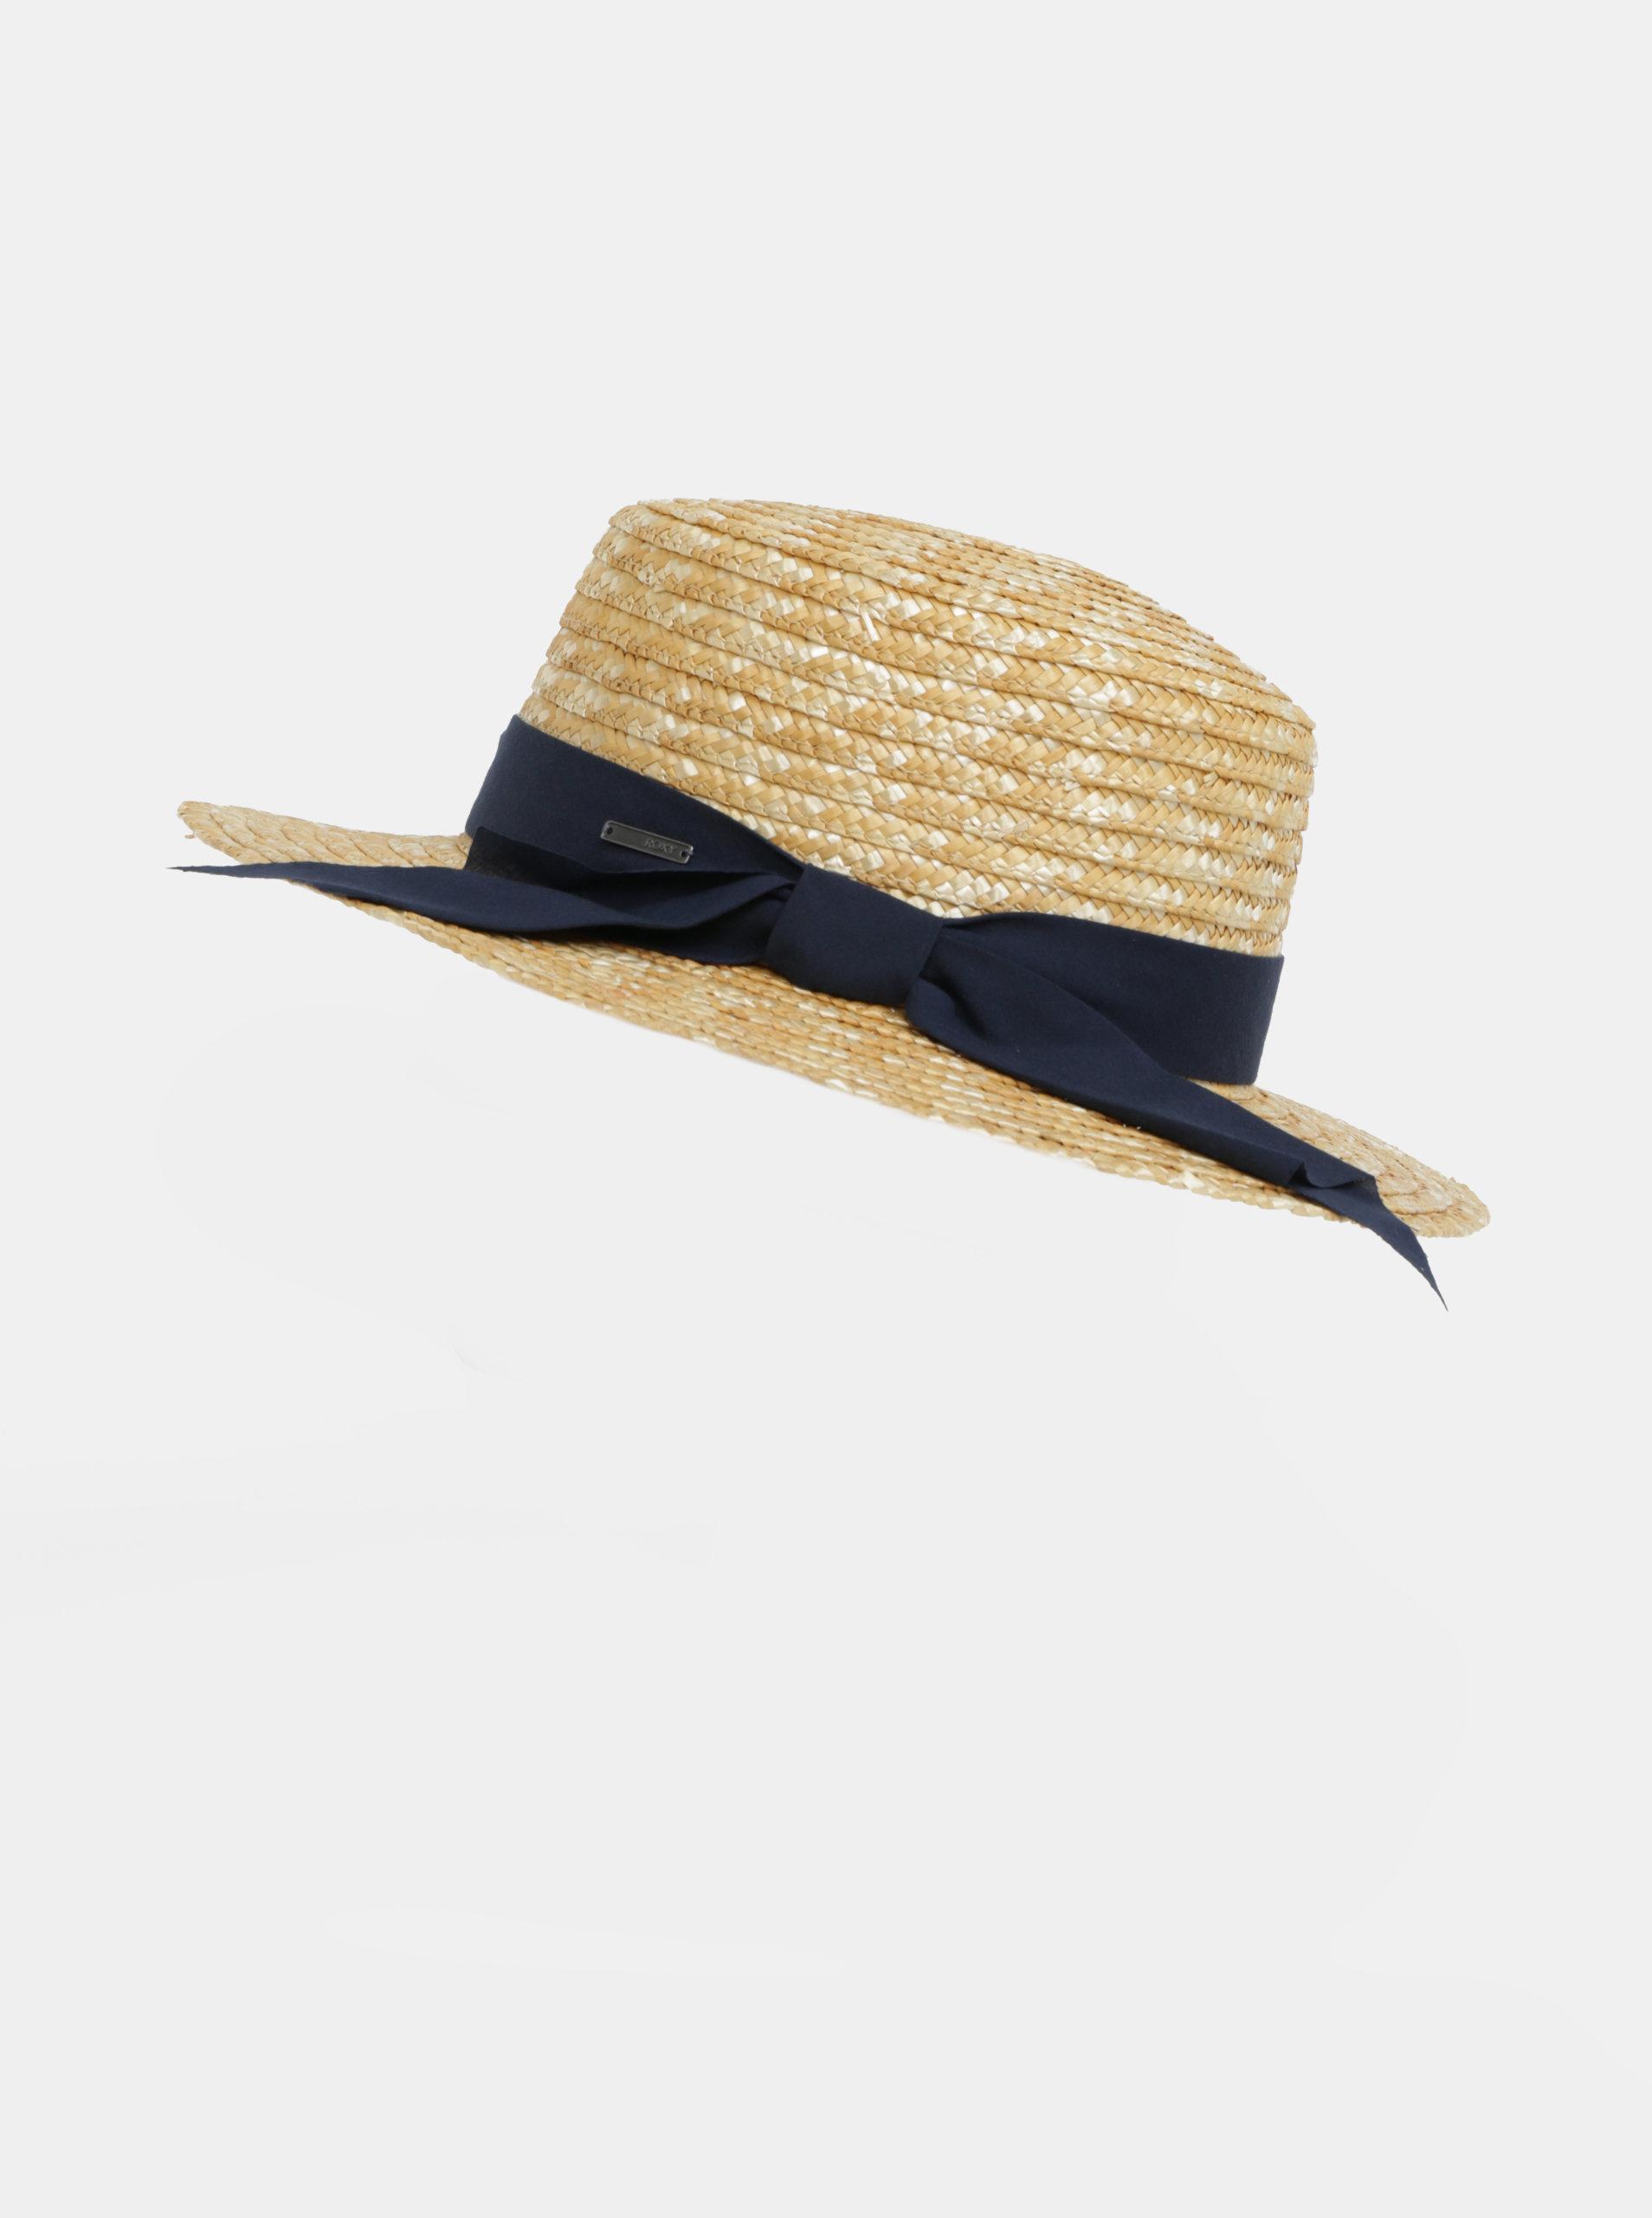 e803c704d49 Světle hnědý dámský klobouk s modrou stuhou Roxy Dre Like ...